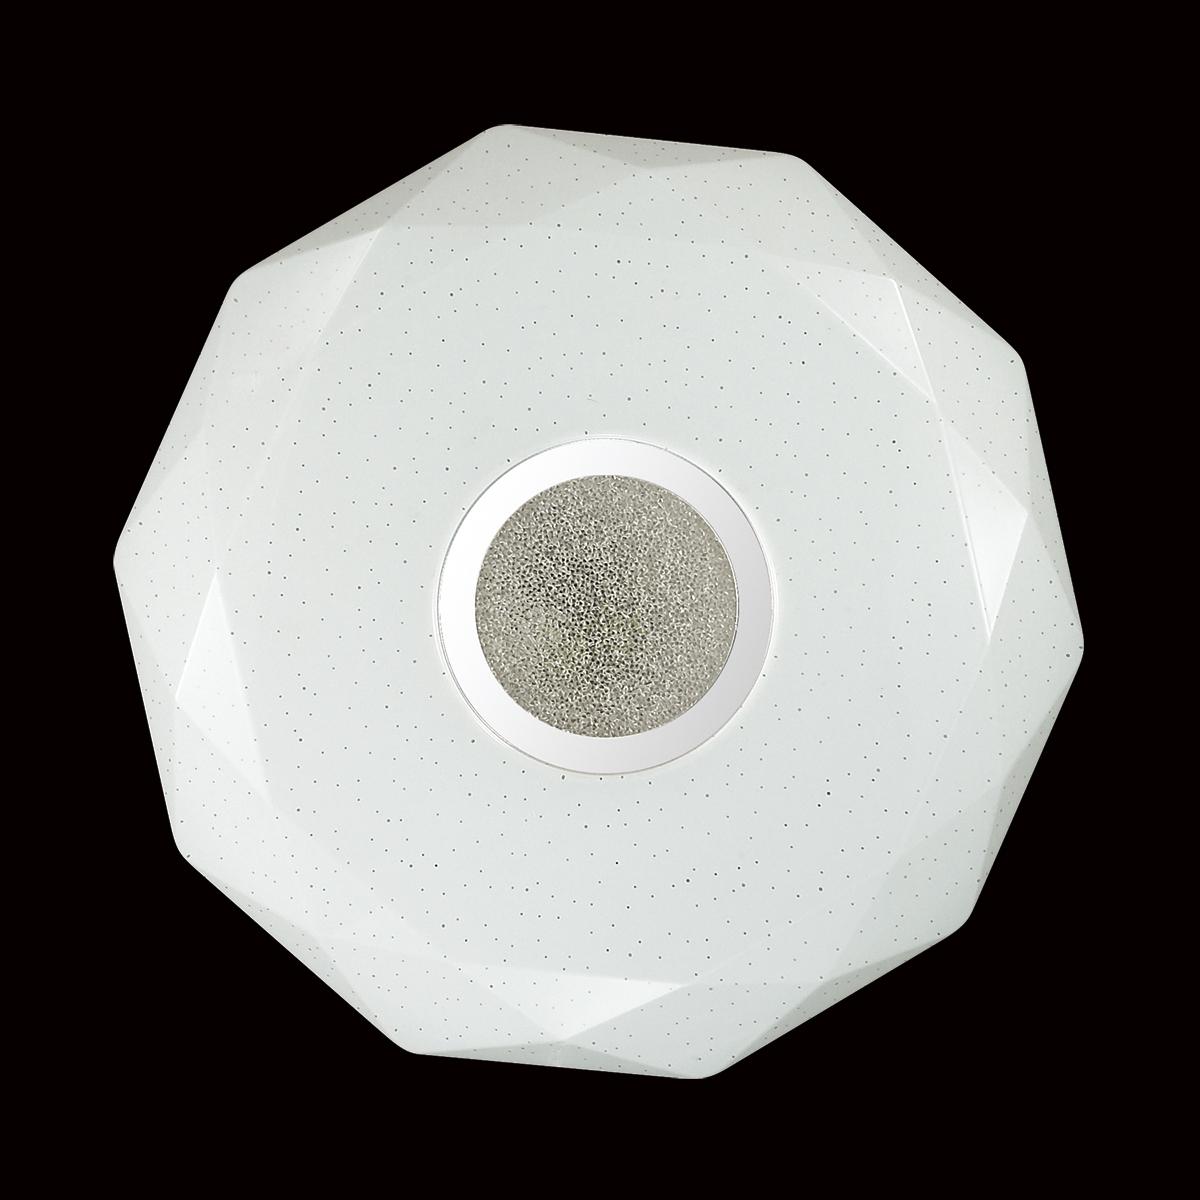 Потолочный светодиодный светильник Sonex Prisa 2057/DL, IP43, LED 48W 2360lm, белый, прозрачный, хром, металл, пластик - фото 6